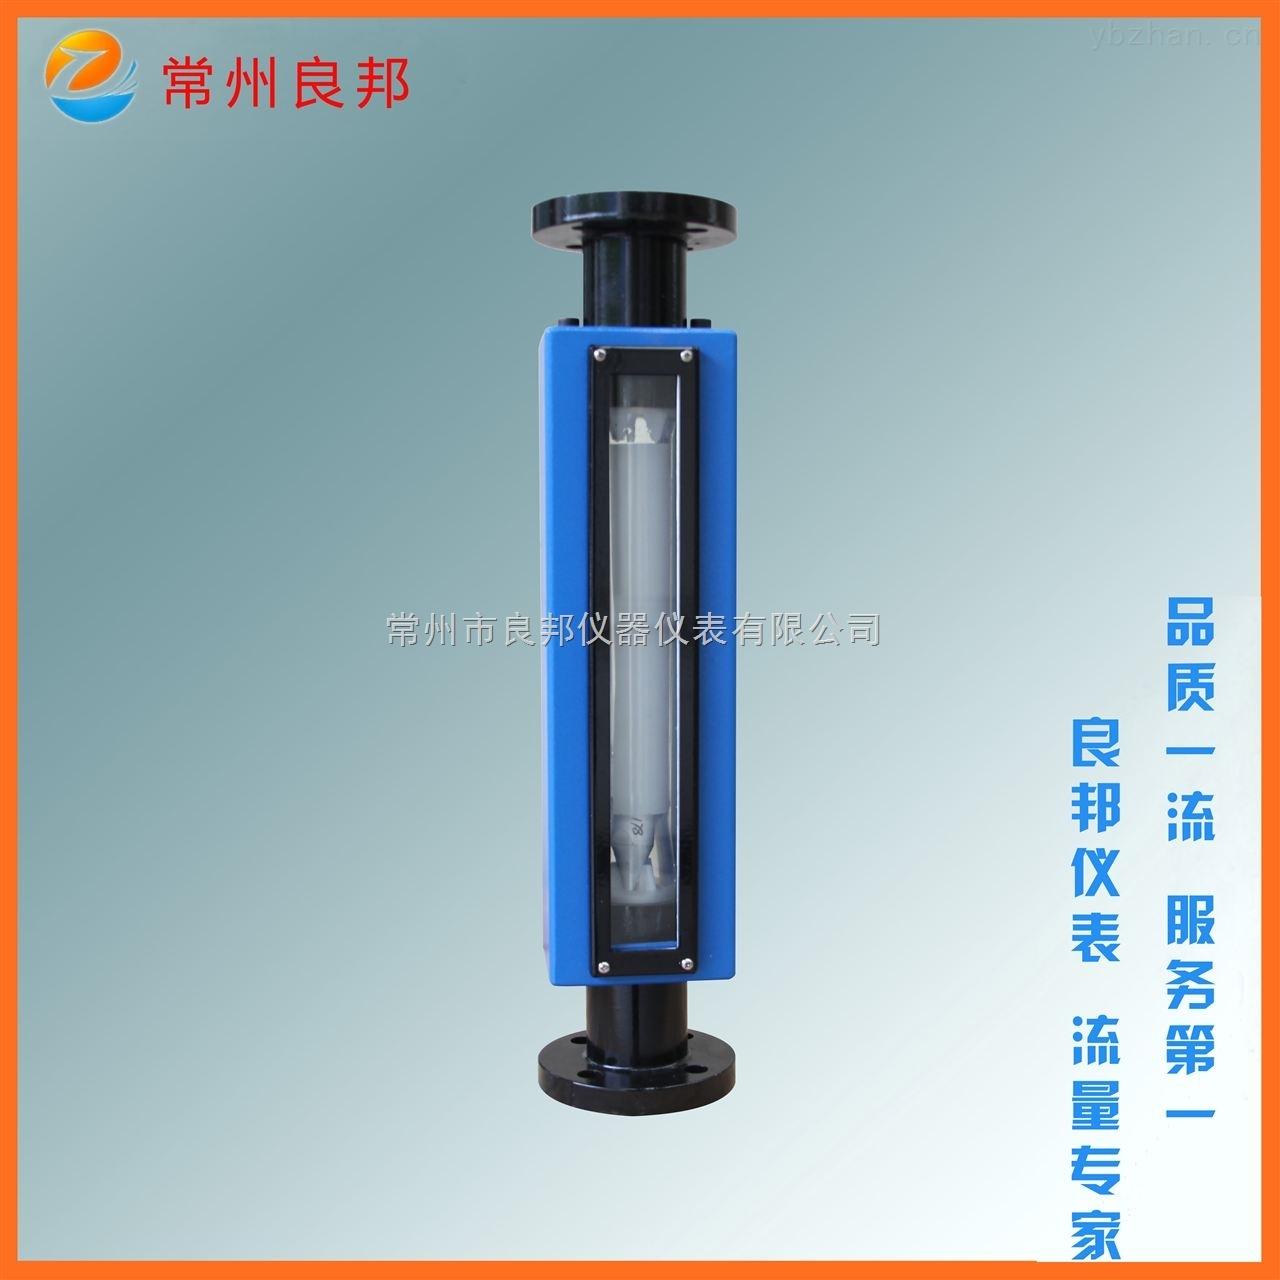 GA24-25引进玻璃转子流量计 国产优质厂家制造 耐压高 化工液体使用